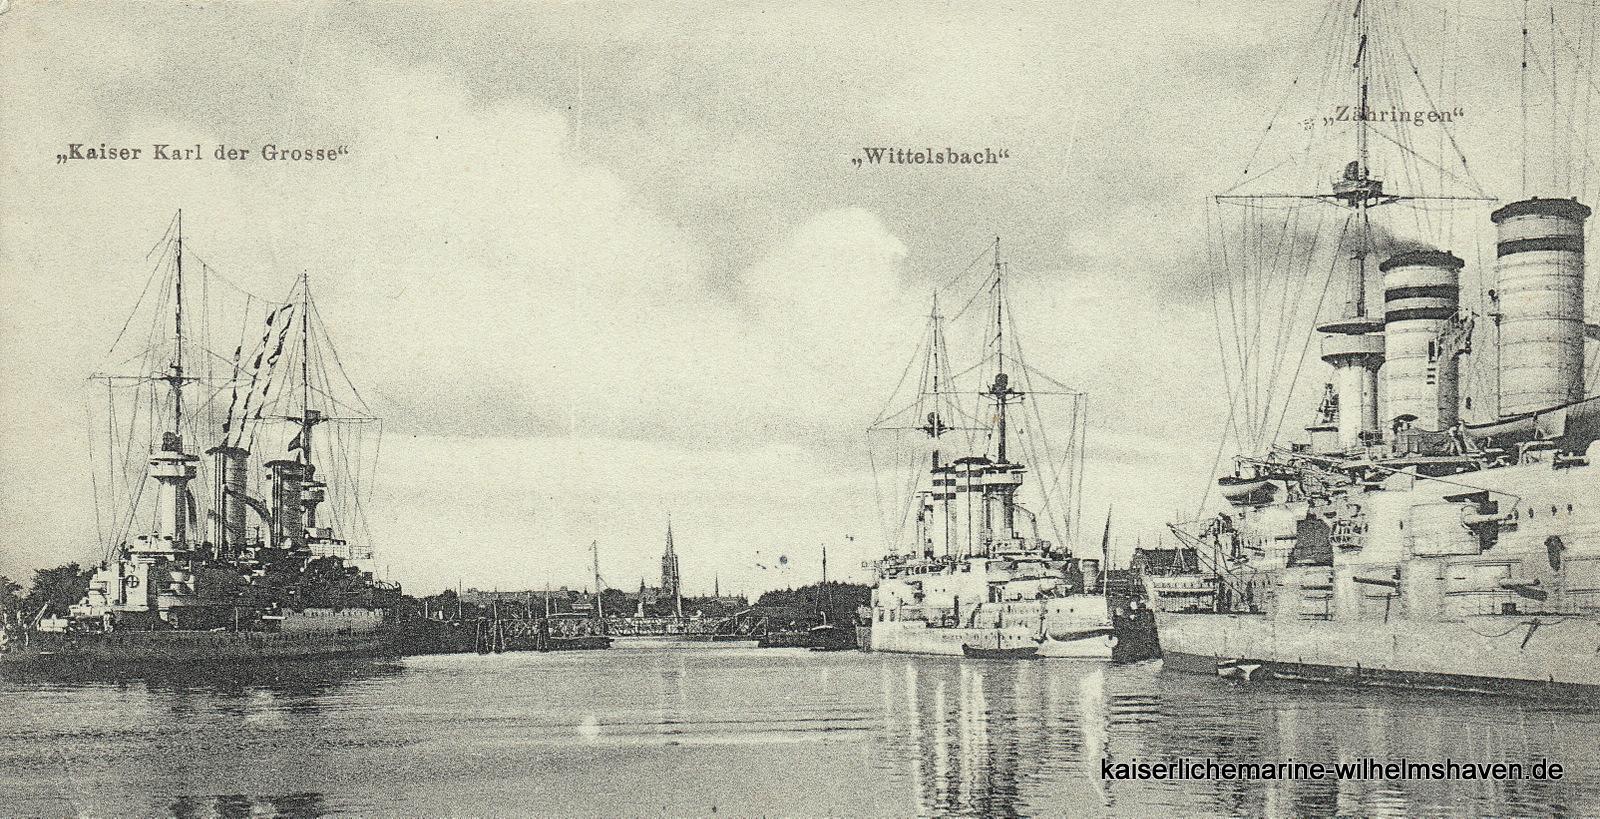 """SMS """"Wittelsbach"""" und Schwesterschiff SMS """"Zähringen"""" am Nordostkai, gegenüber am Nordwestkai SMS """"Kaiser Karl der Große"""". In der Bildmitte die Drehbrücke zur Schleuseninsel, ab etwa 1910 Hafeninsel, darüber die Petrus-Kirche"""